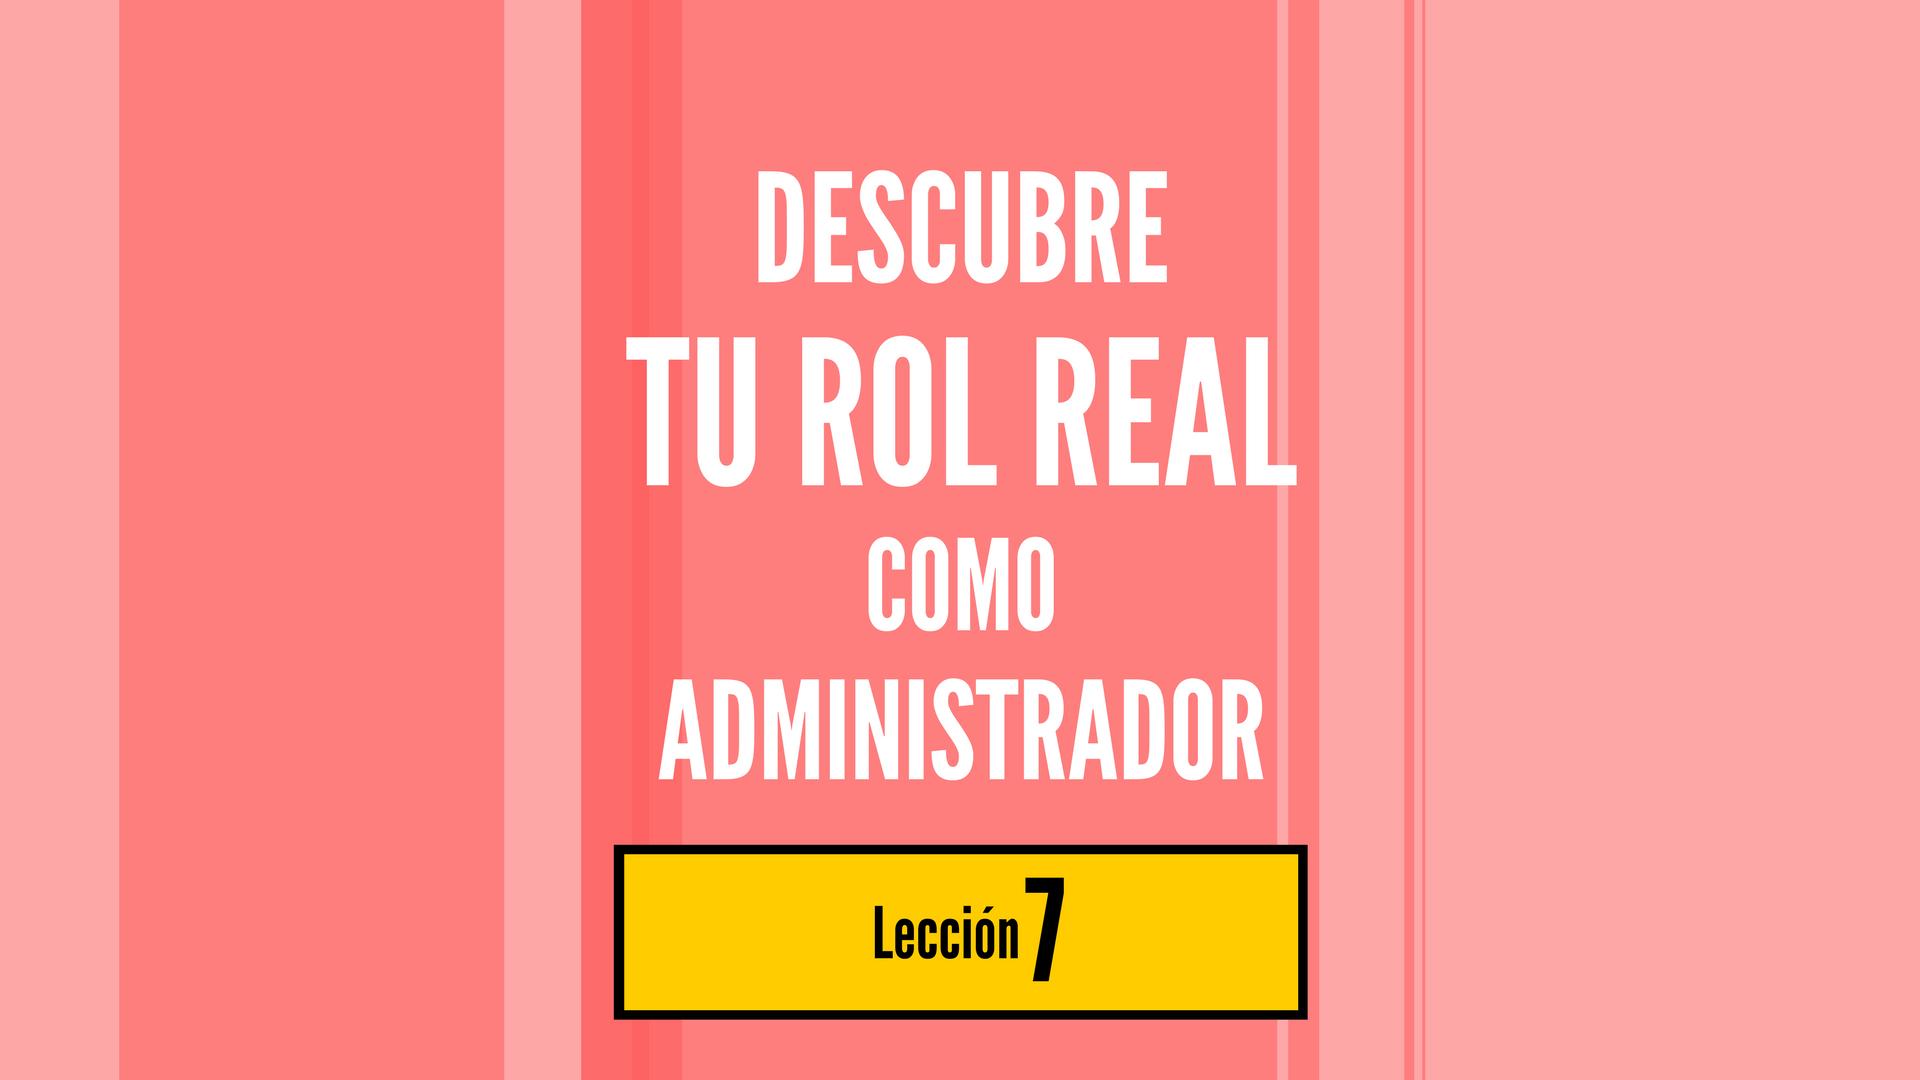 Descubre Tu Rol Real Como Administrador, lección 7